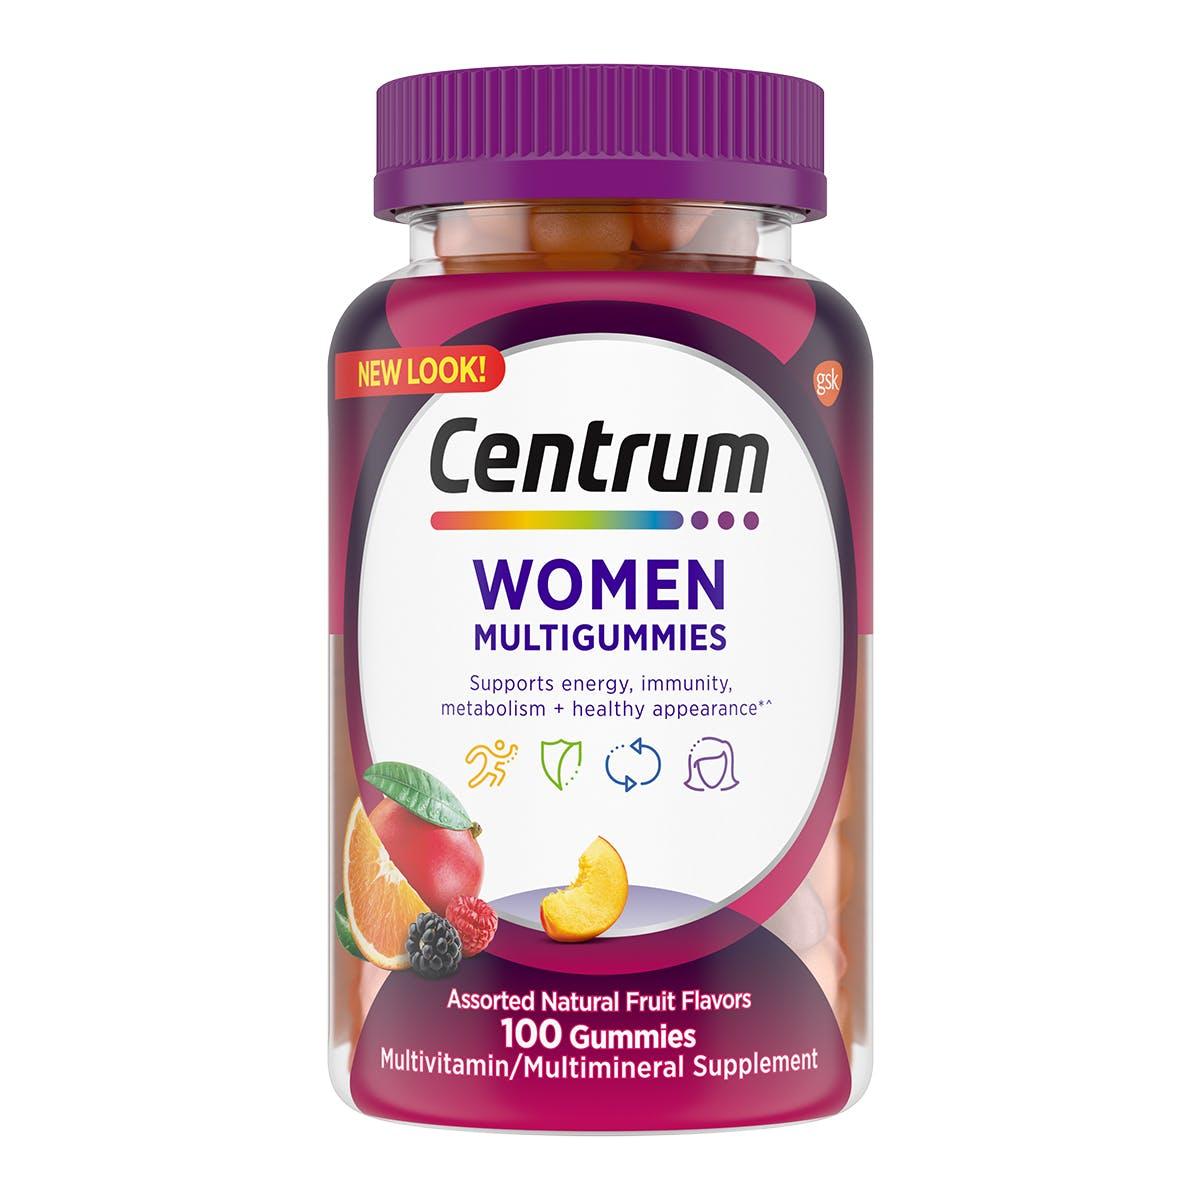 Bottle of Centrum MultiGummies Women vitamins